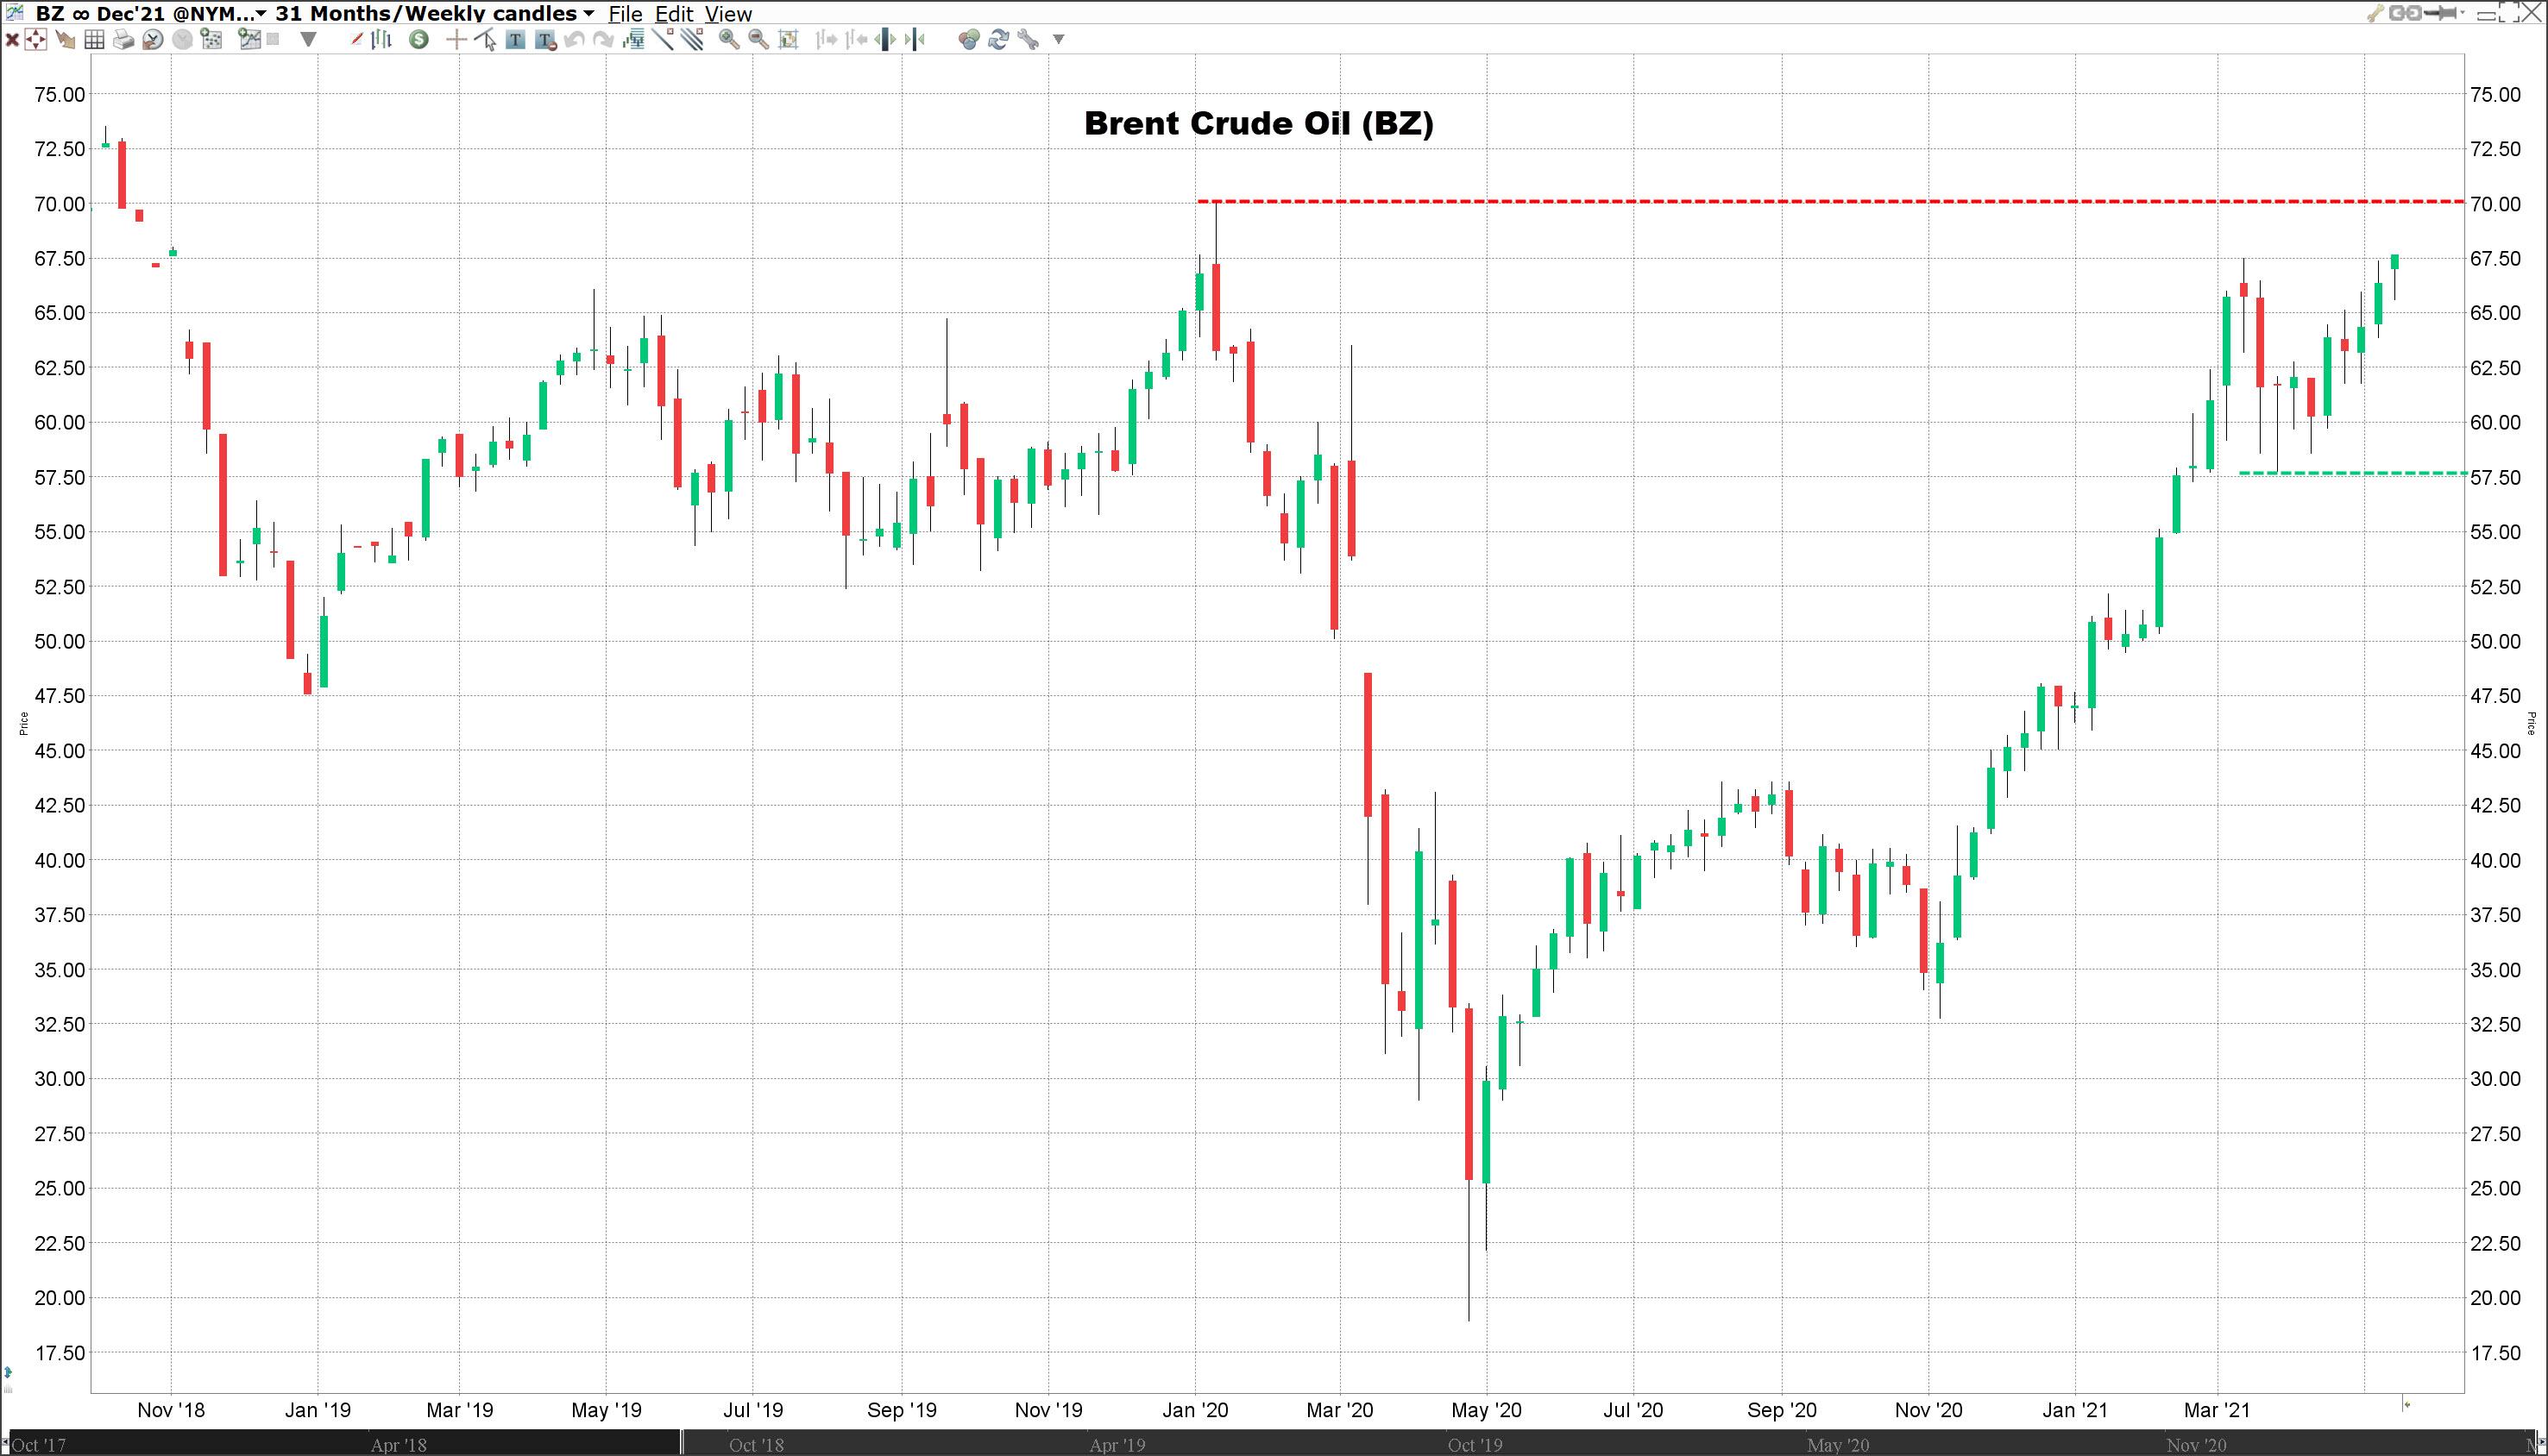 Brent Crude Oil koers